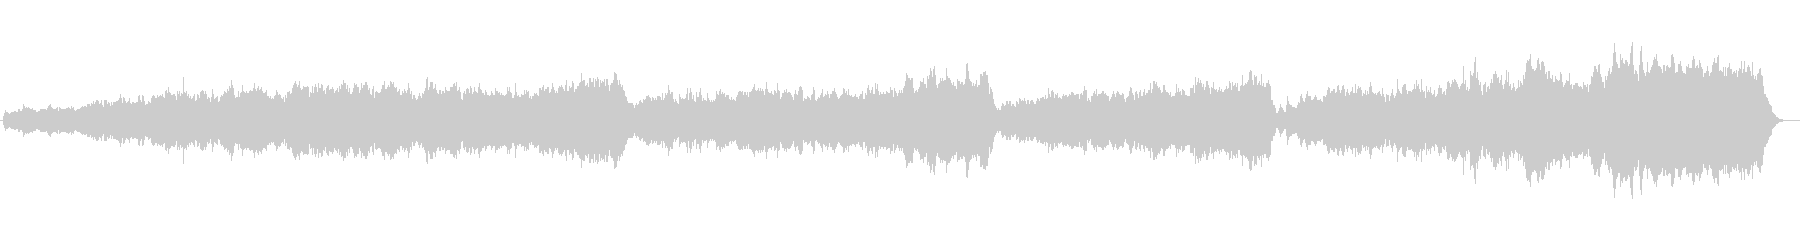 ライブ録音。教会のオルガン。神聖な音楽。の未再生の波形